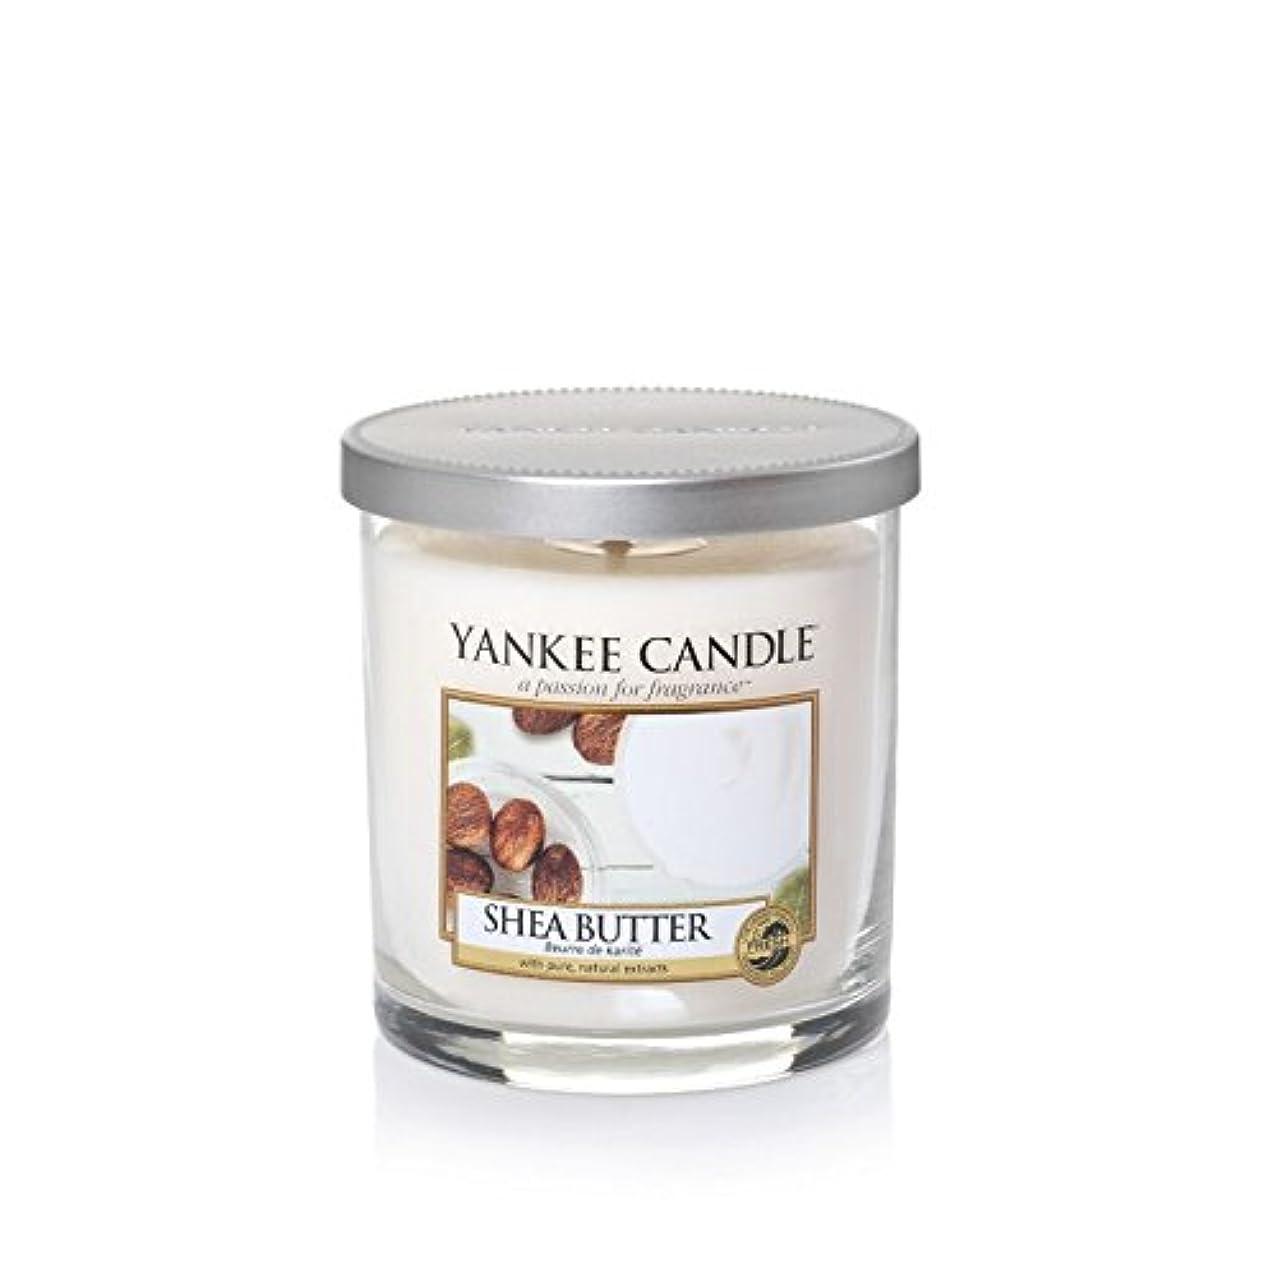 サイズカバレッジミルヤンキーキャンドルの小さな柱キャンドル - シアバター - Yankee Candles Small Pillar Candle - Shea Butter (Yankee Candles) [並行輸入品]